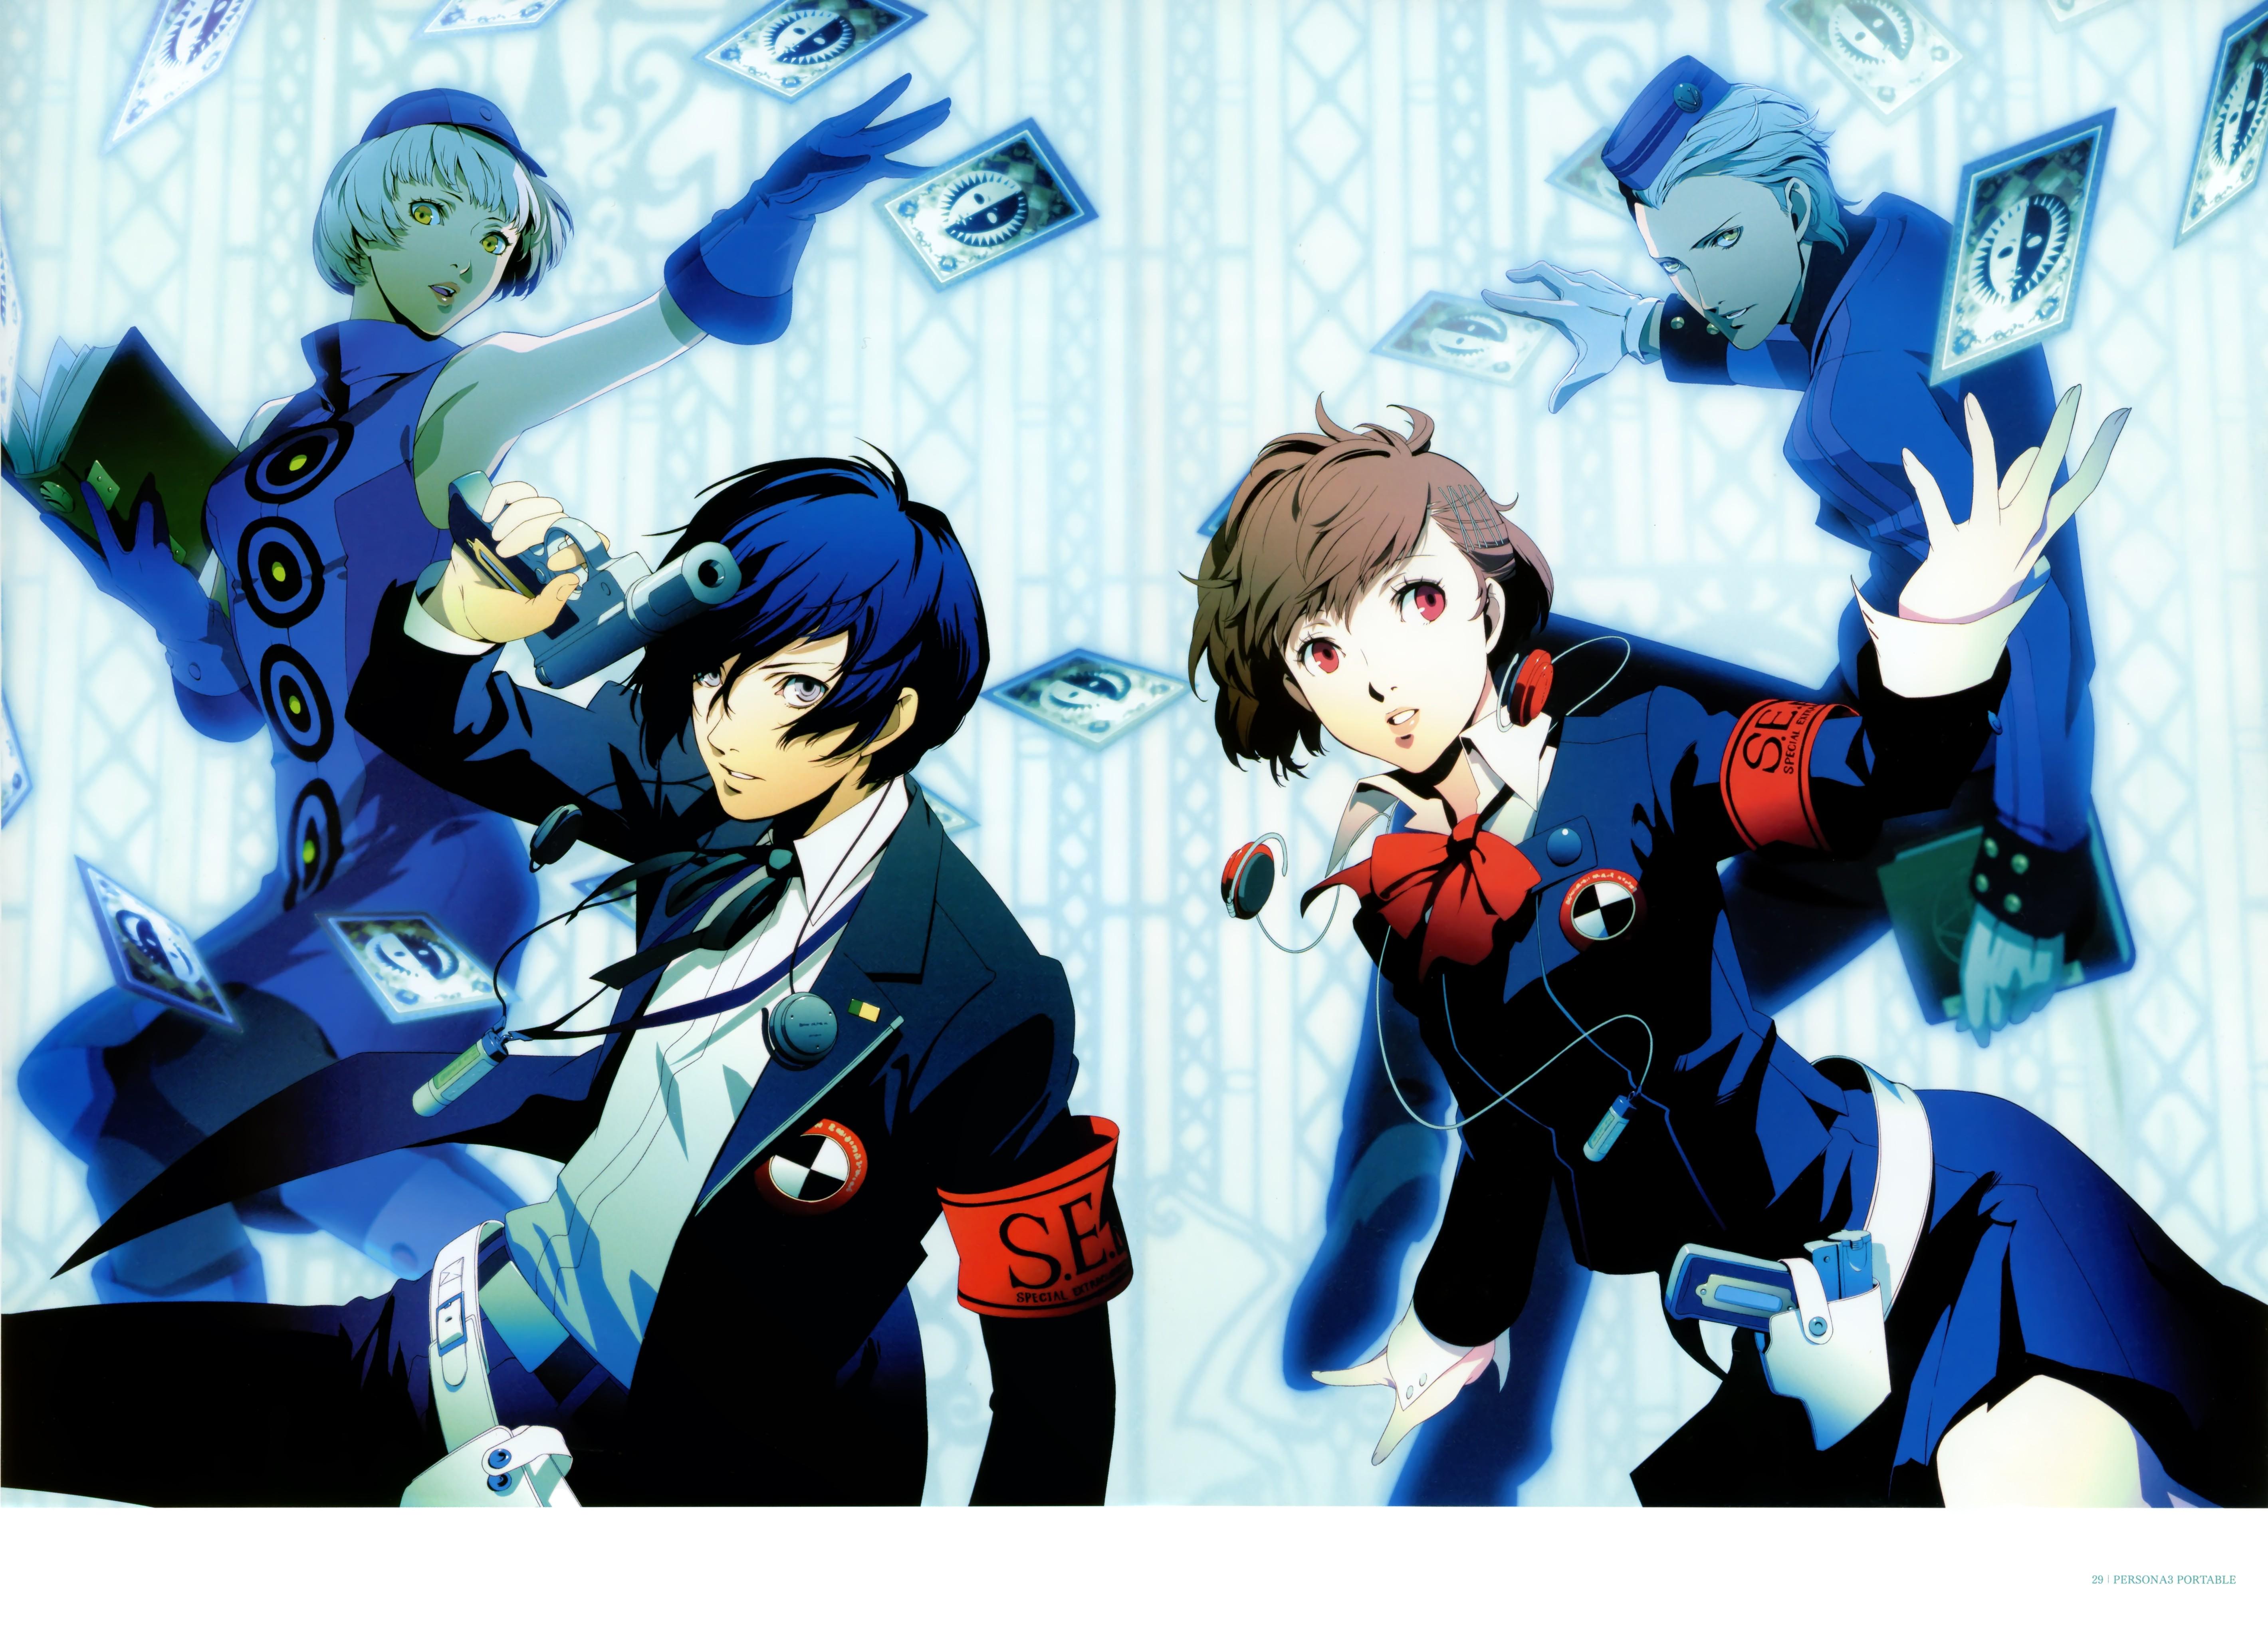 ... Persona 3) ... Persona 3 Portable Wallpaper 1920x1080